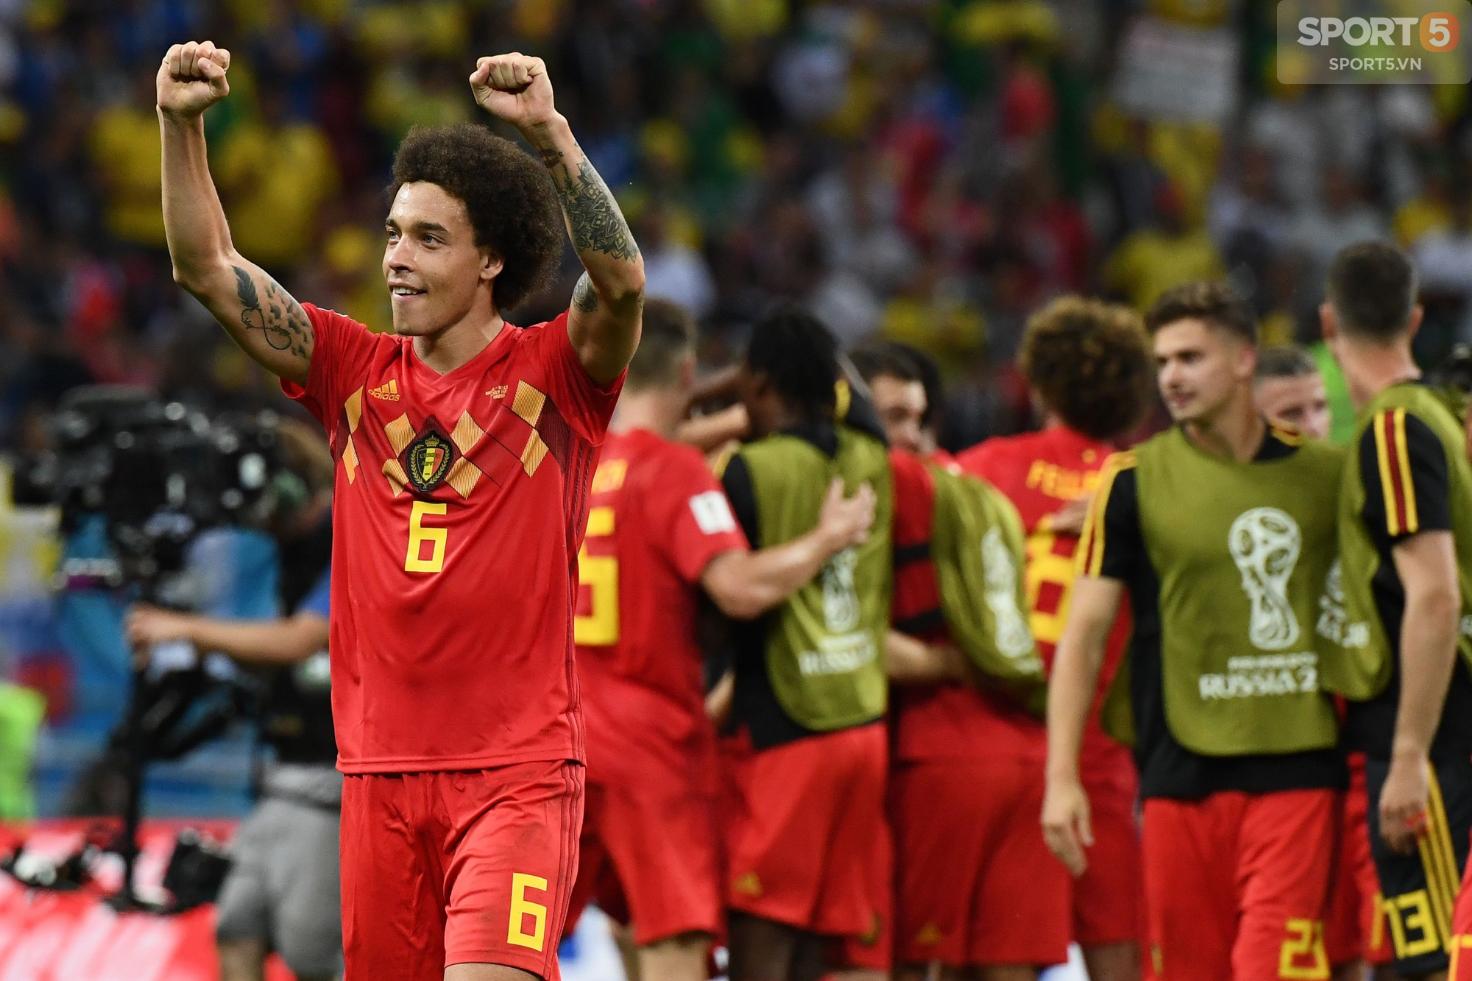 Tiết lộ: Ngôi sao giành HCĐ tại World Cup khước từ lời mời chào của Mourinho - Ảnh 1.